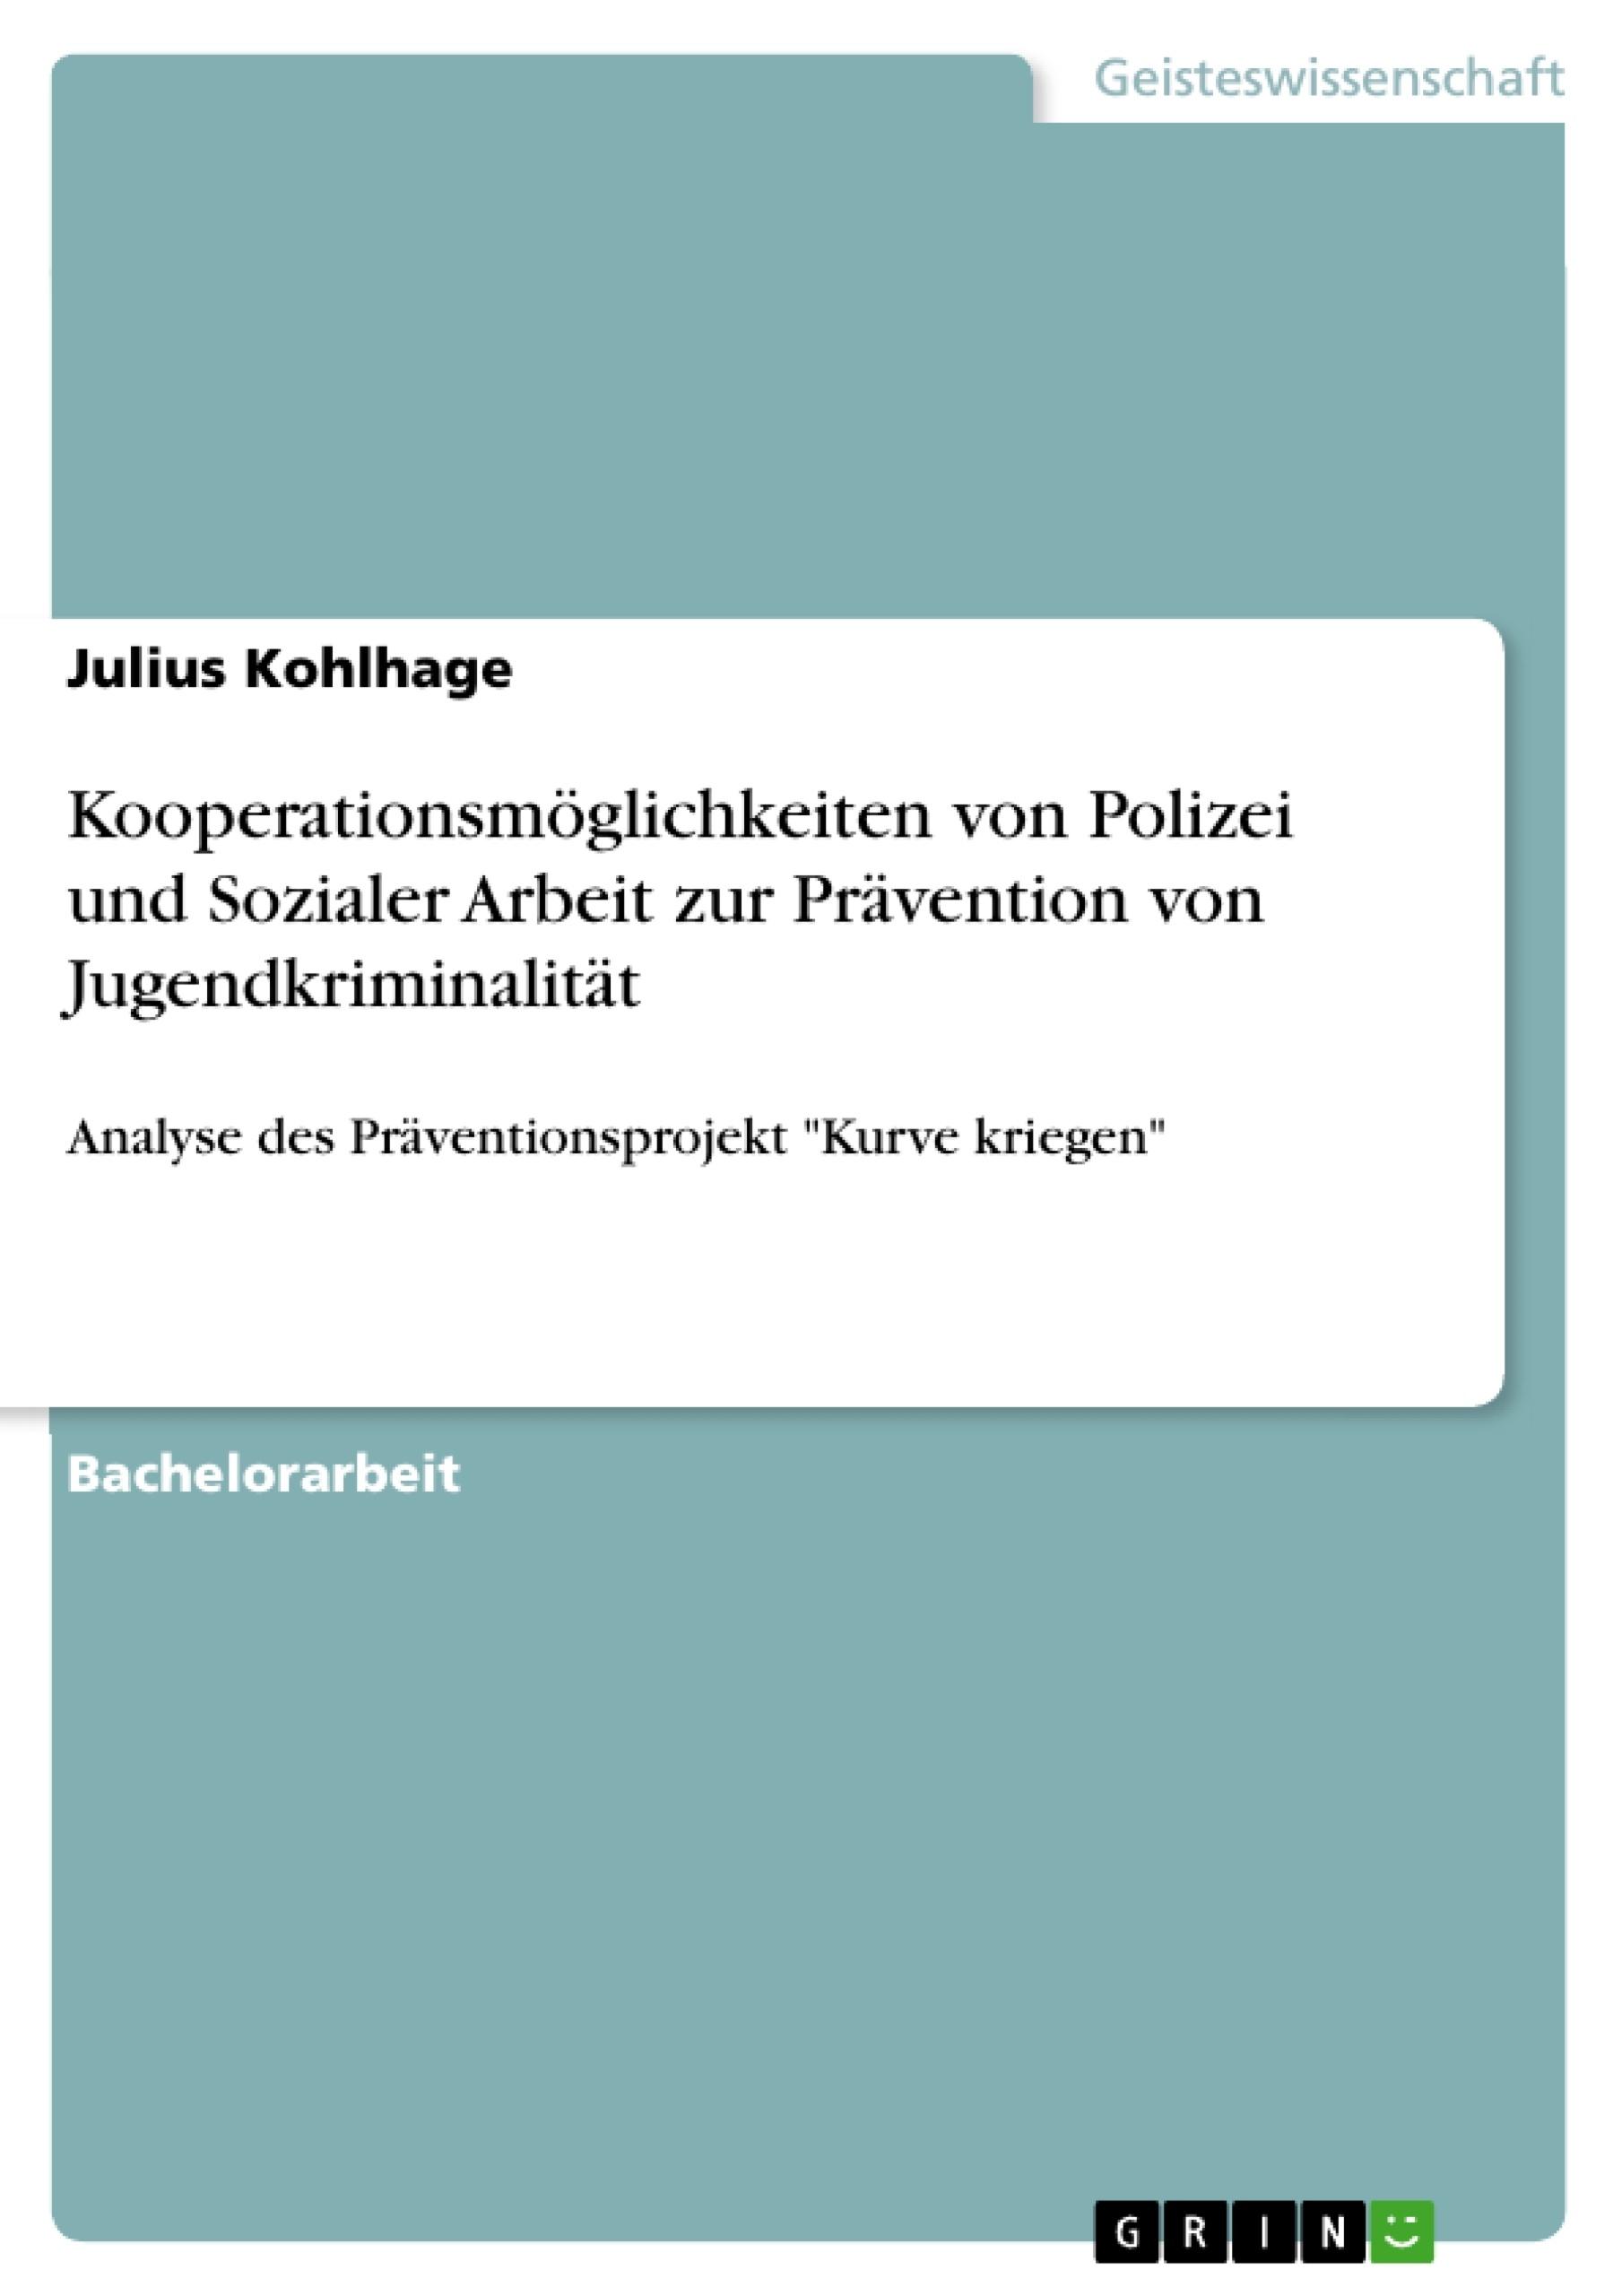 Titel: Kooperationsmöglichkeiten von Polizei und Sozialer Arbeit zur Prävention von Jugendkriminalität